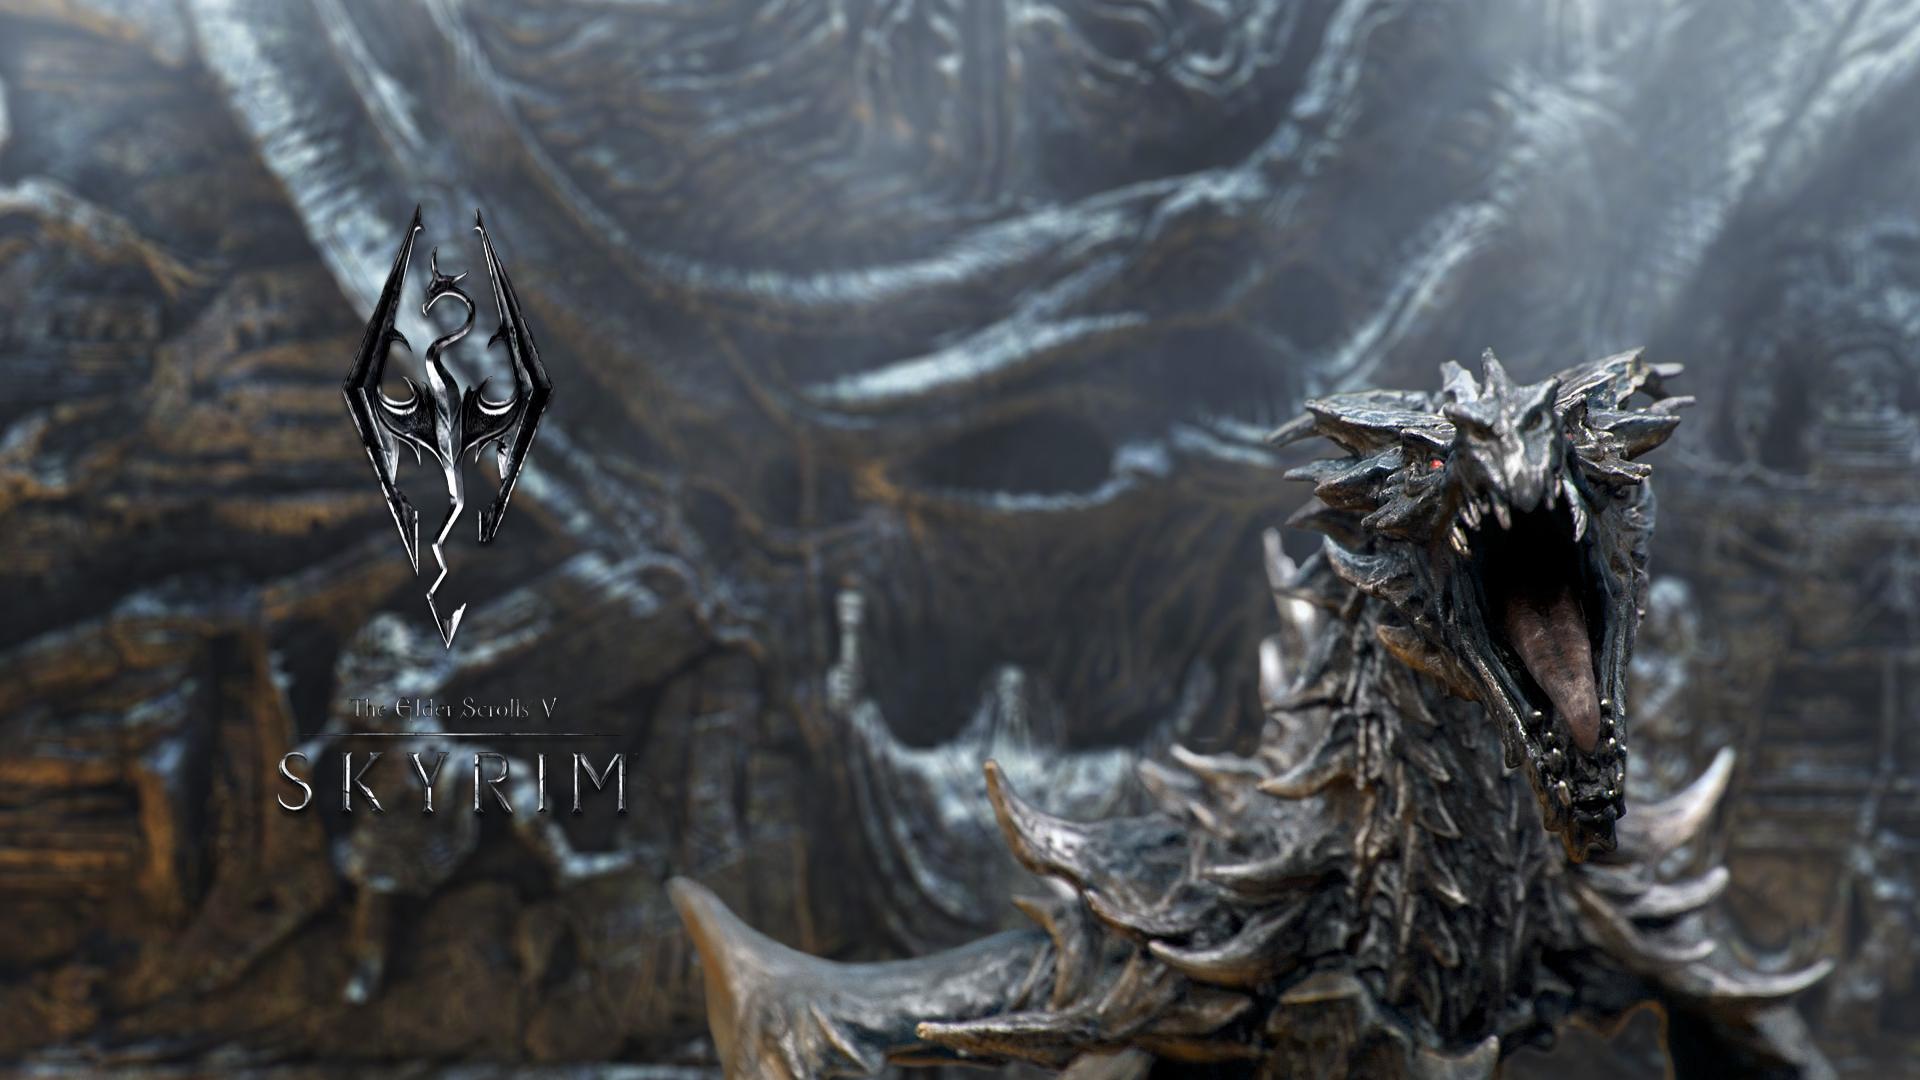 Skyrim Wallpapers Elder Scrolls V Skyrim Wallpaper 27742087